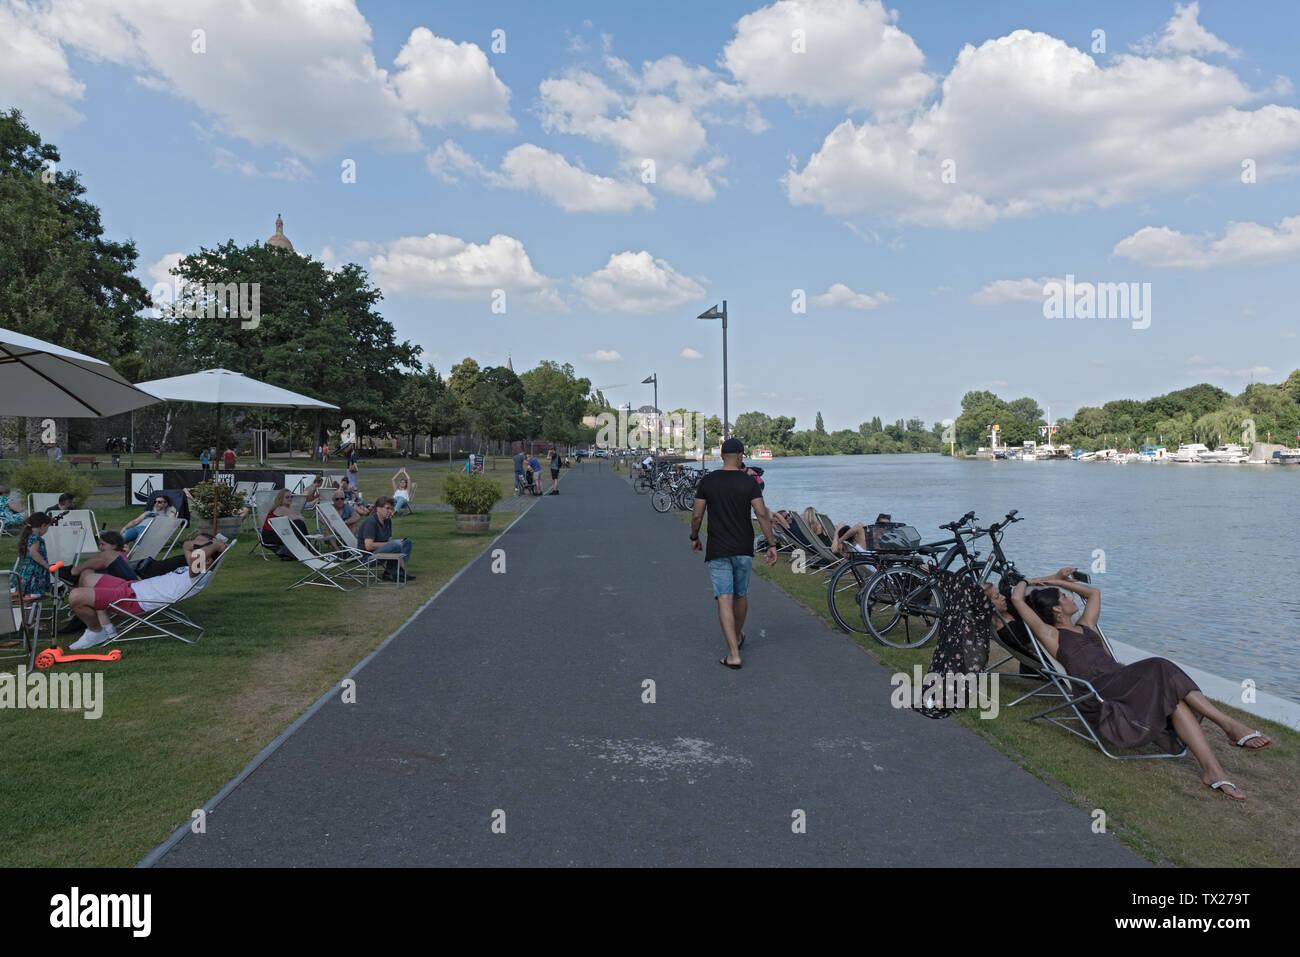 Les touristes dans des chaises longues au bord de l'eau sur la rivière principale de Francfort, Allemagne hoechst Photo Stock